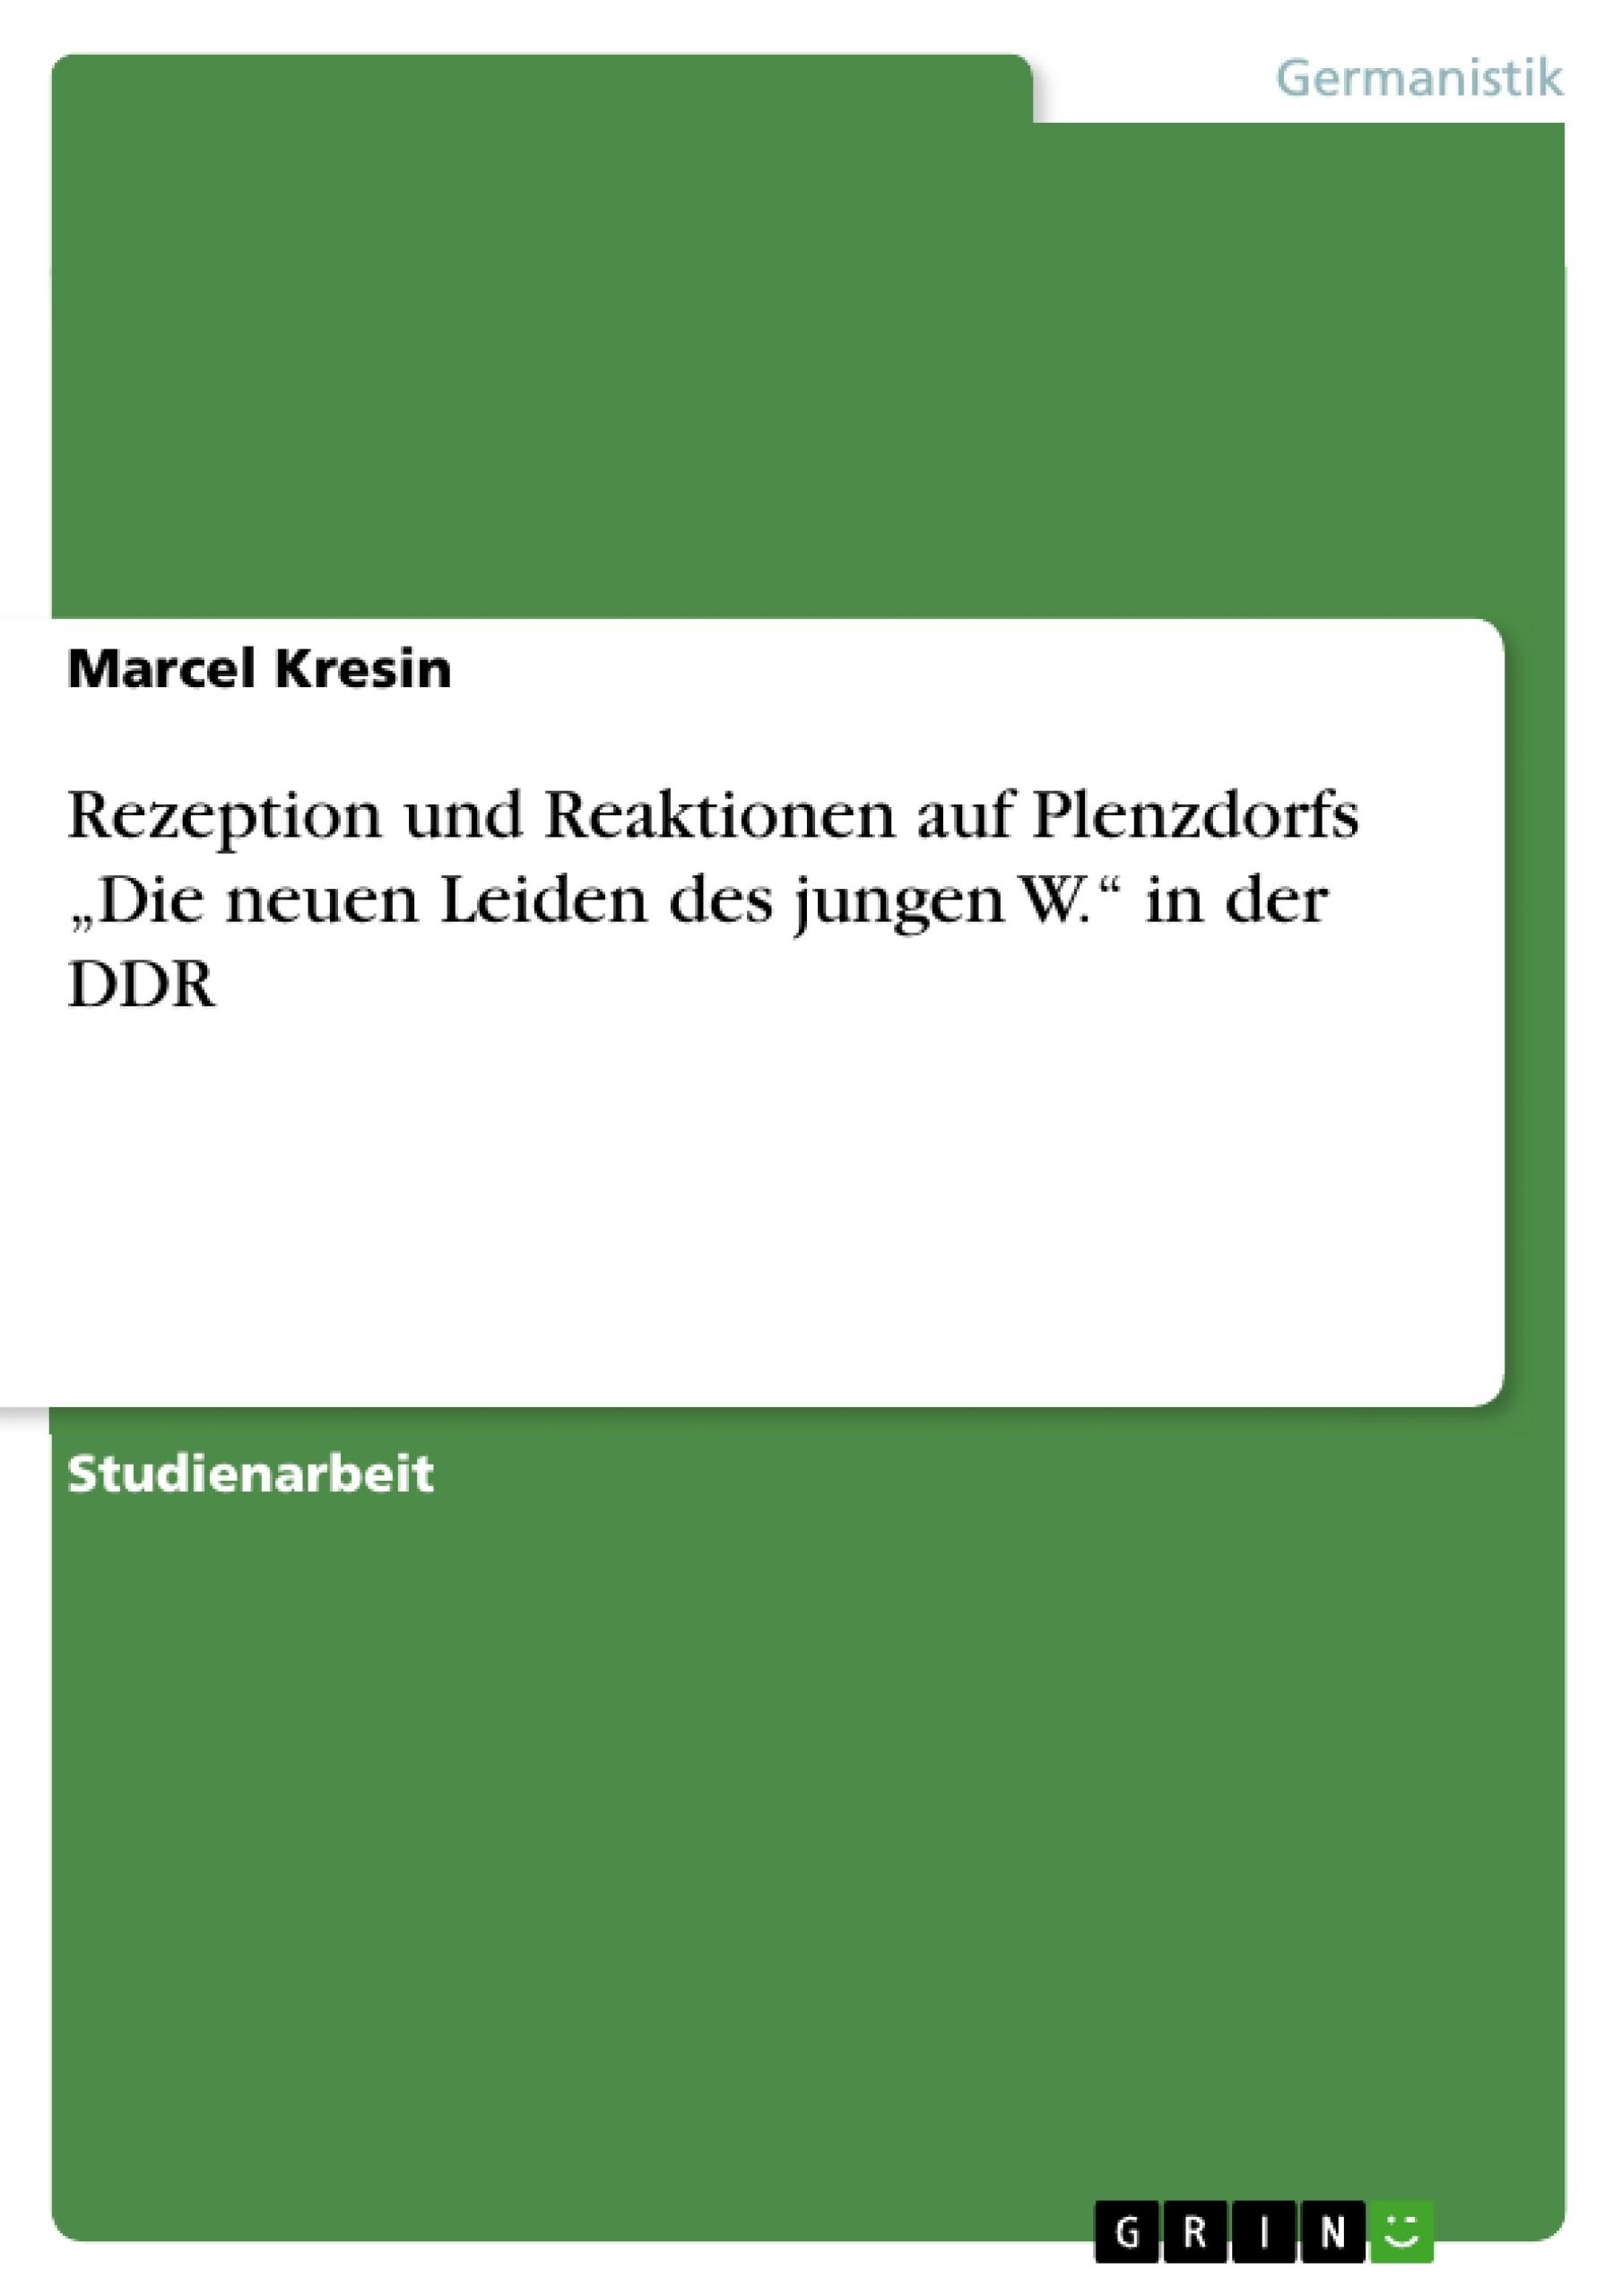 """Titel: Rezeption und Reaktionen auf Plenzdorfs """"Die neuen Leiden des jungen W."""" in der DDR"""